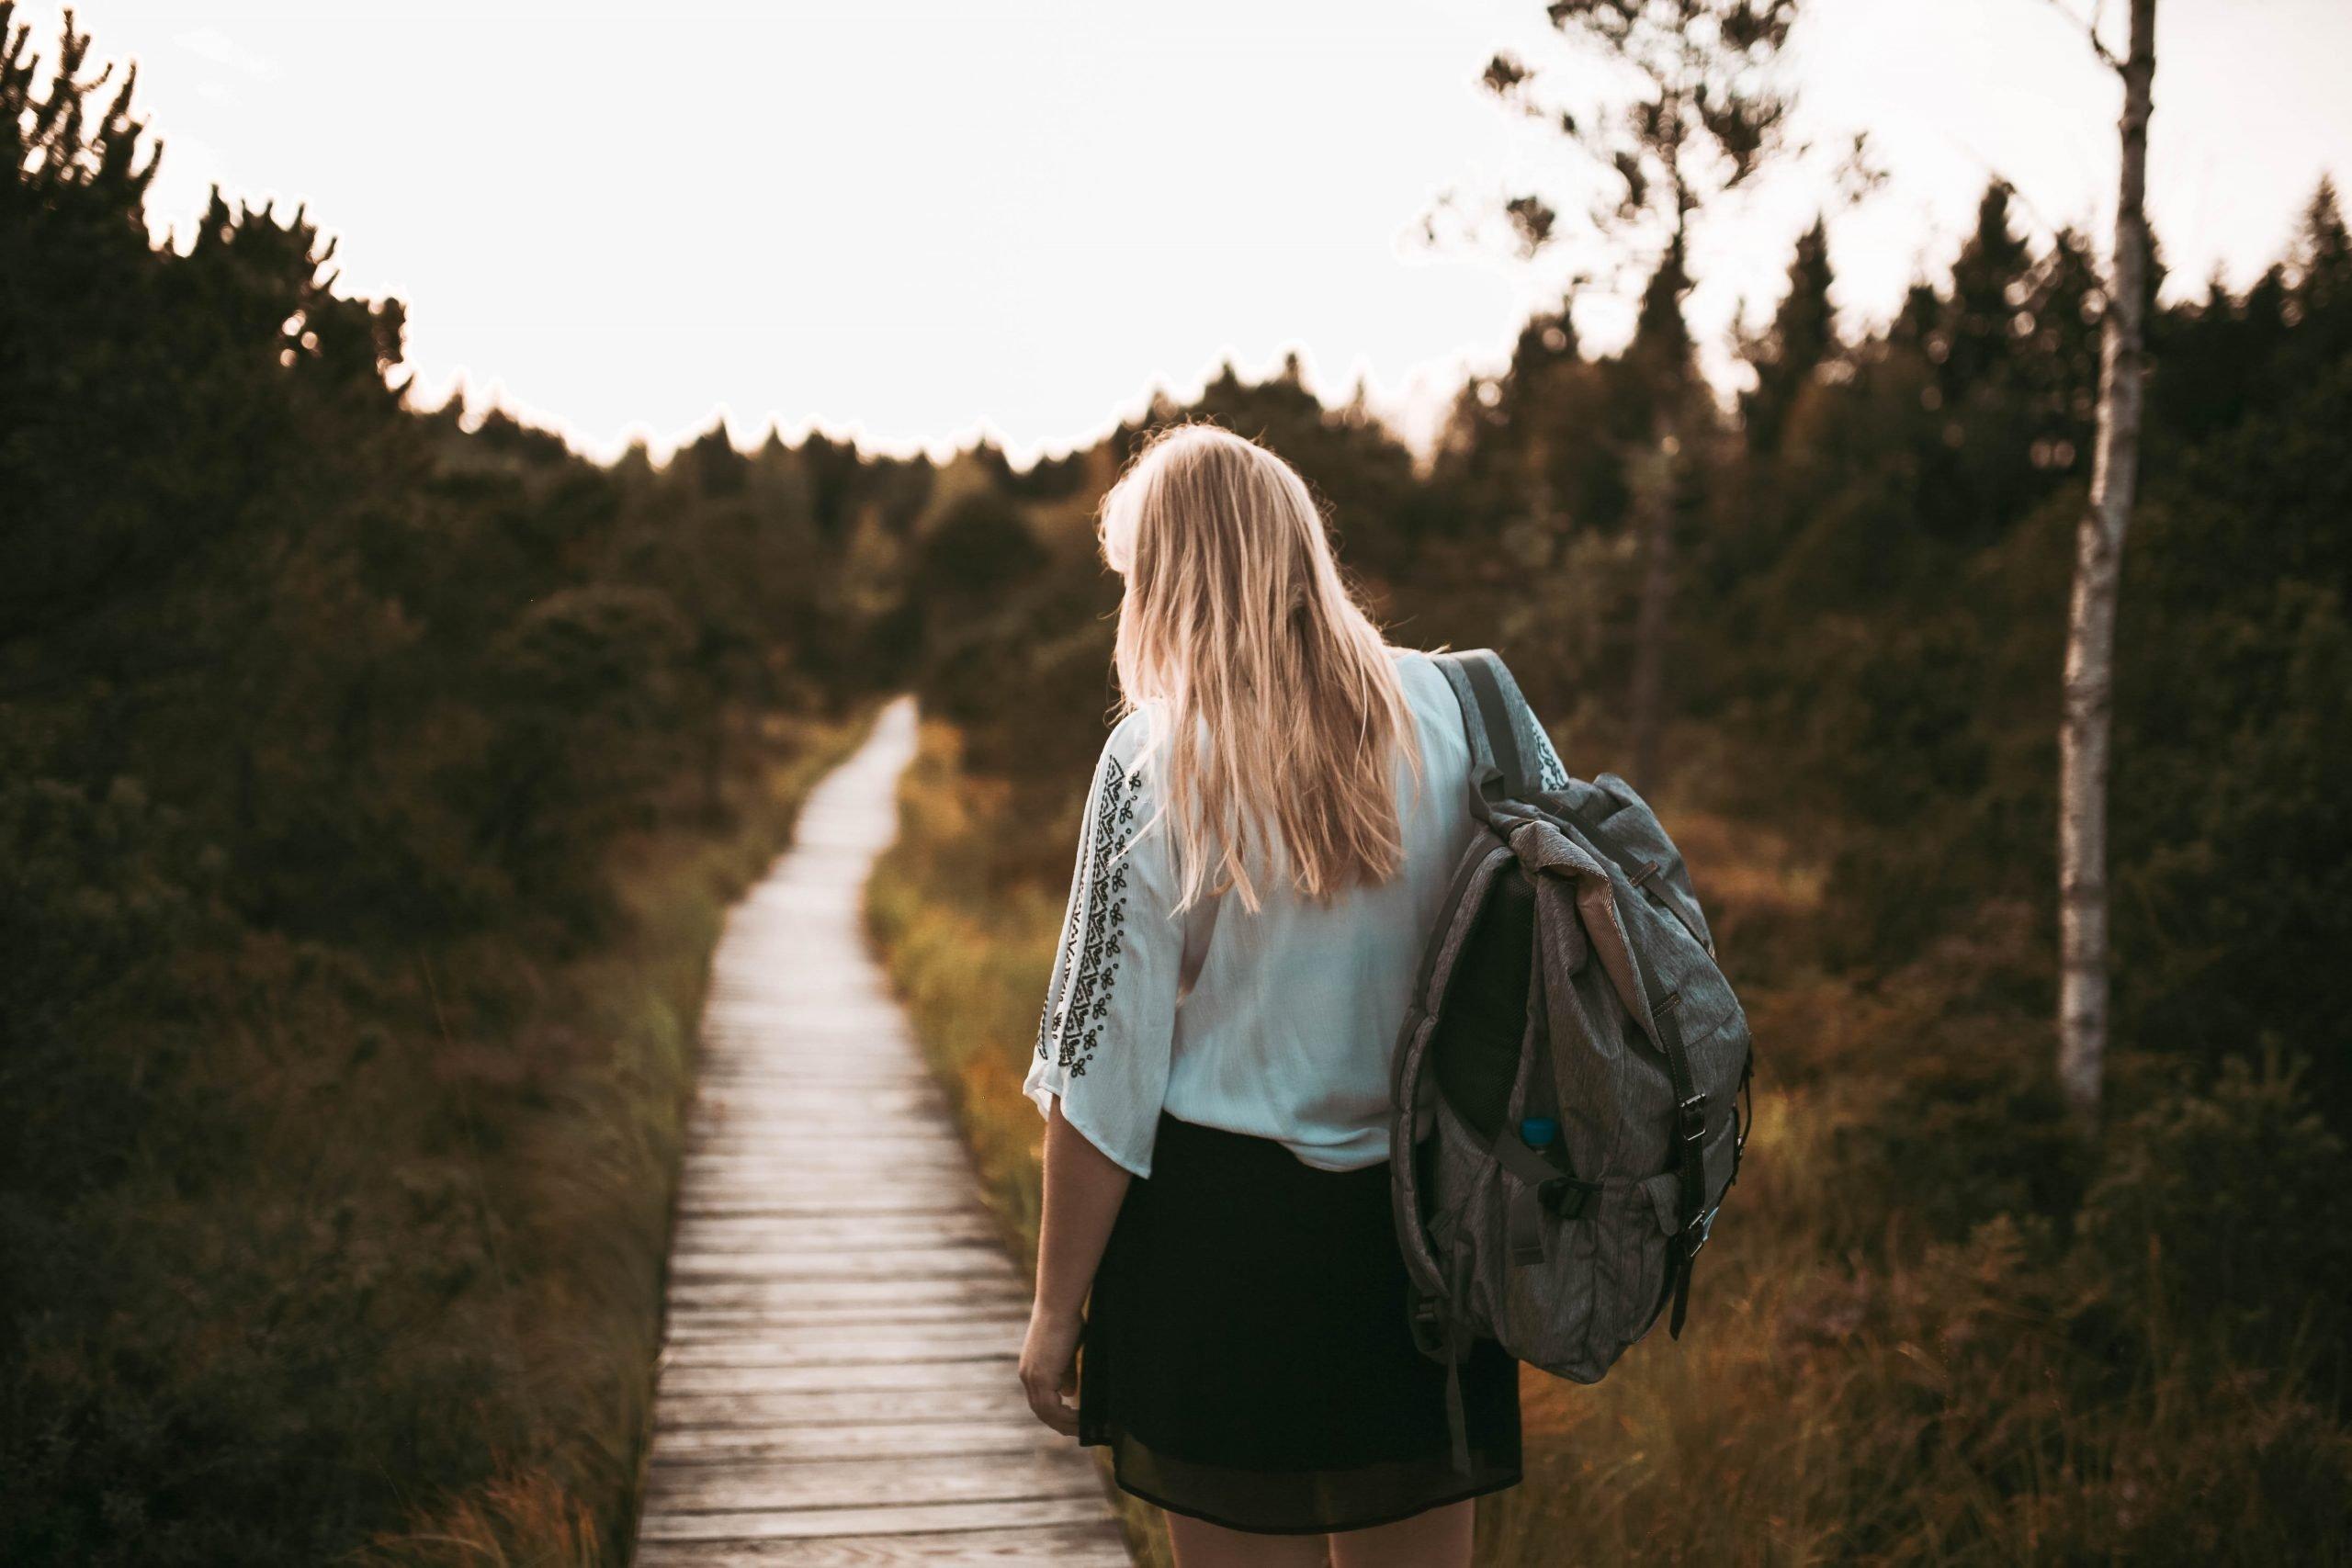 Žena s batohom na ceste